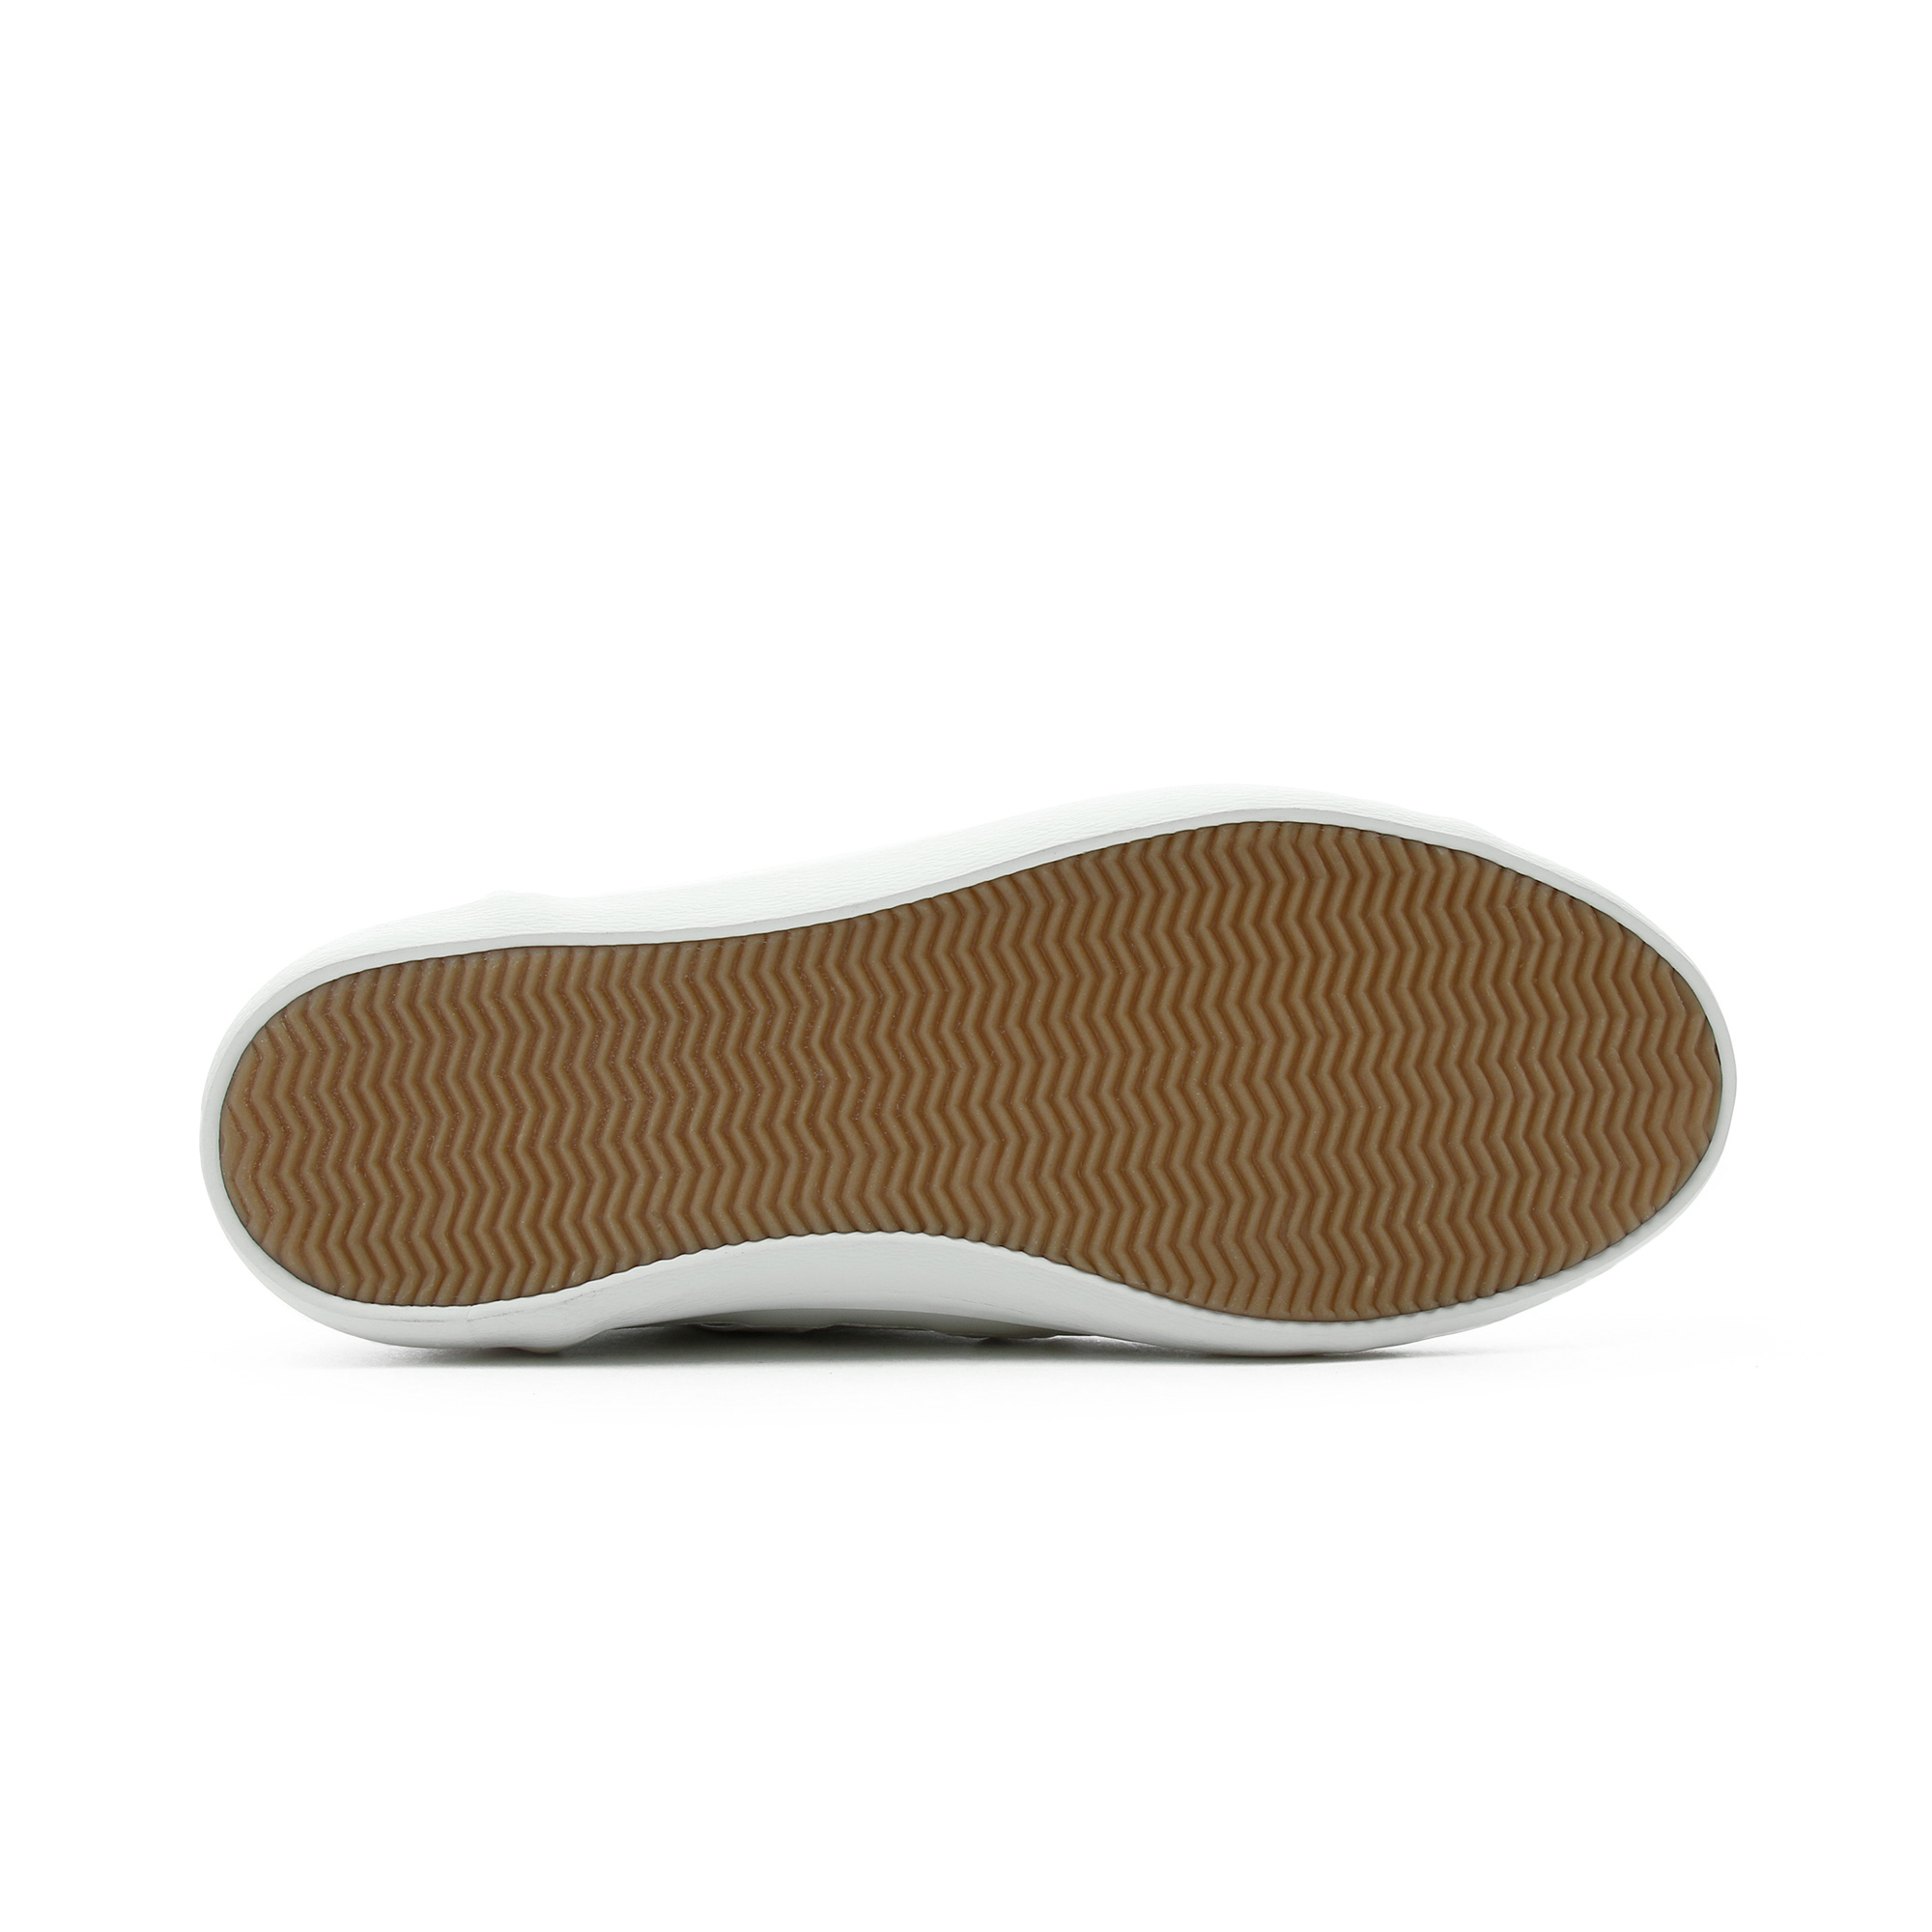 Lacoste Kadın Bej Sideline 119 3 Casual Ayakkabı